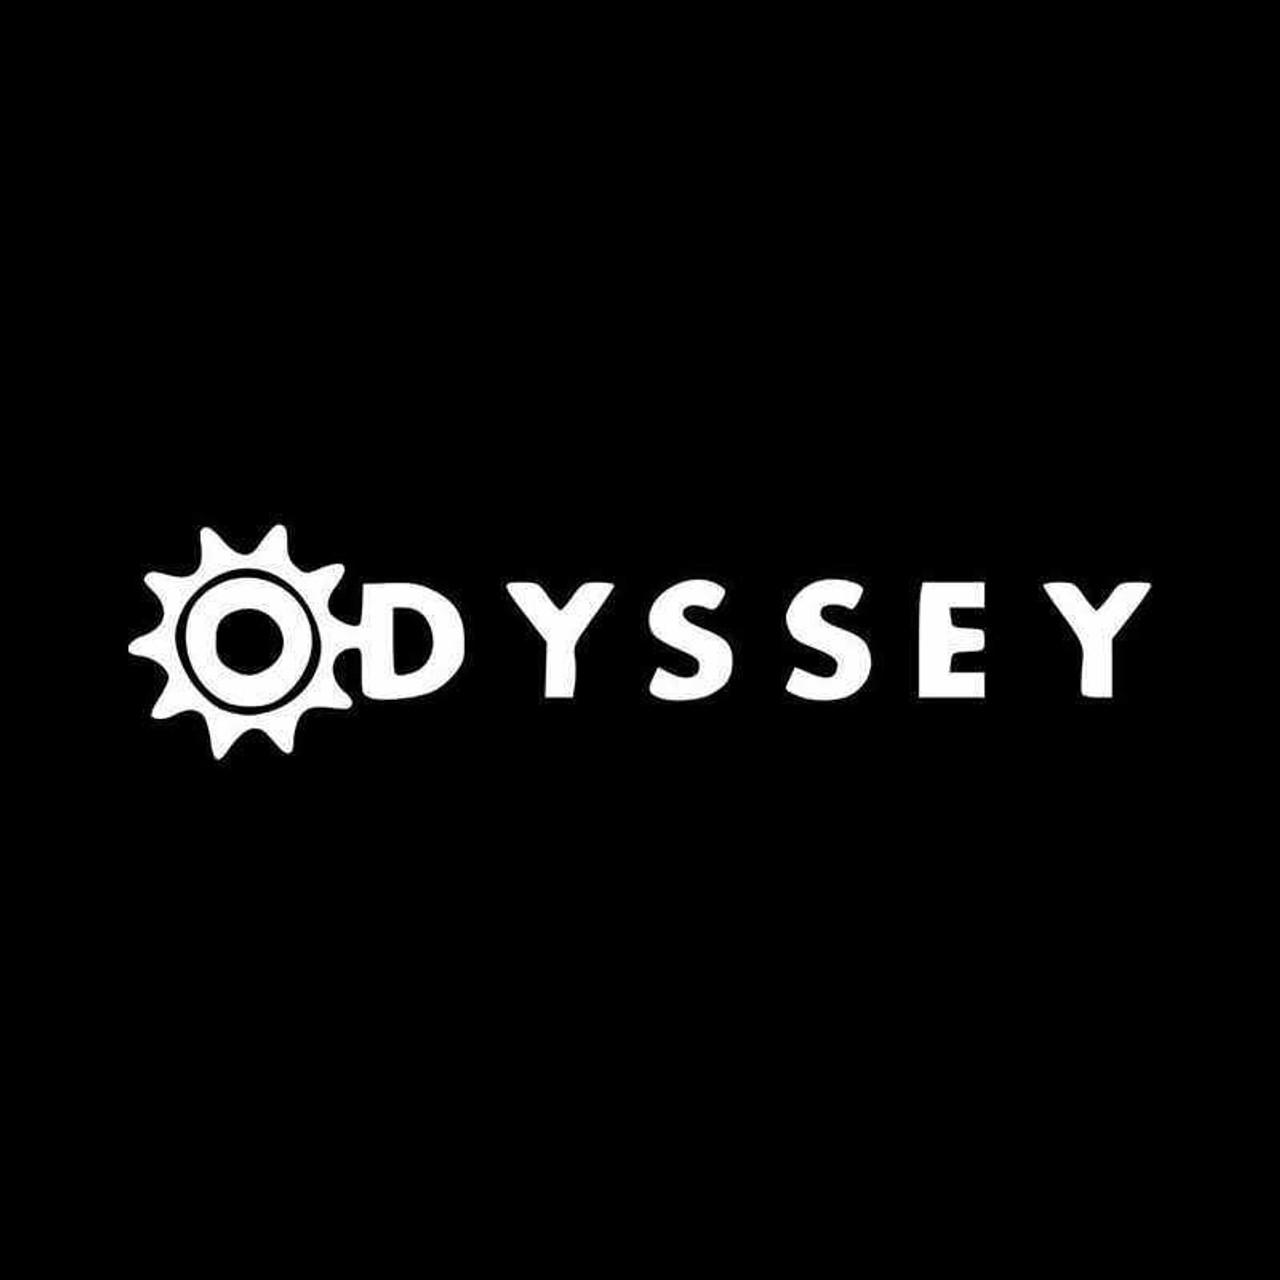 BMX ODYSSEY STICKER DECAL BLACK